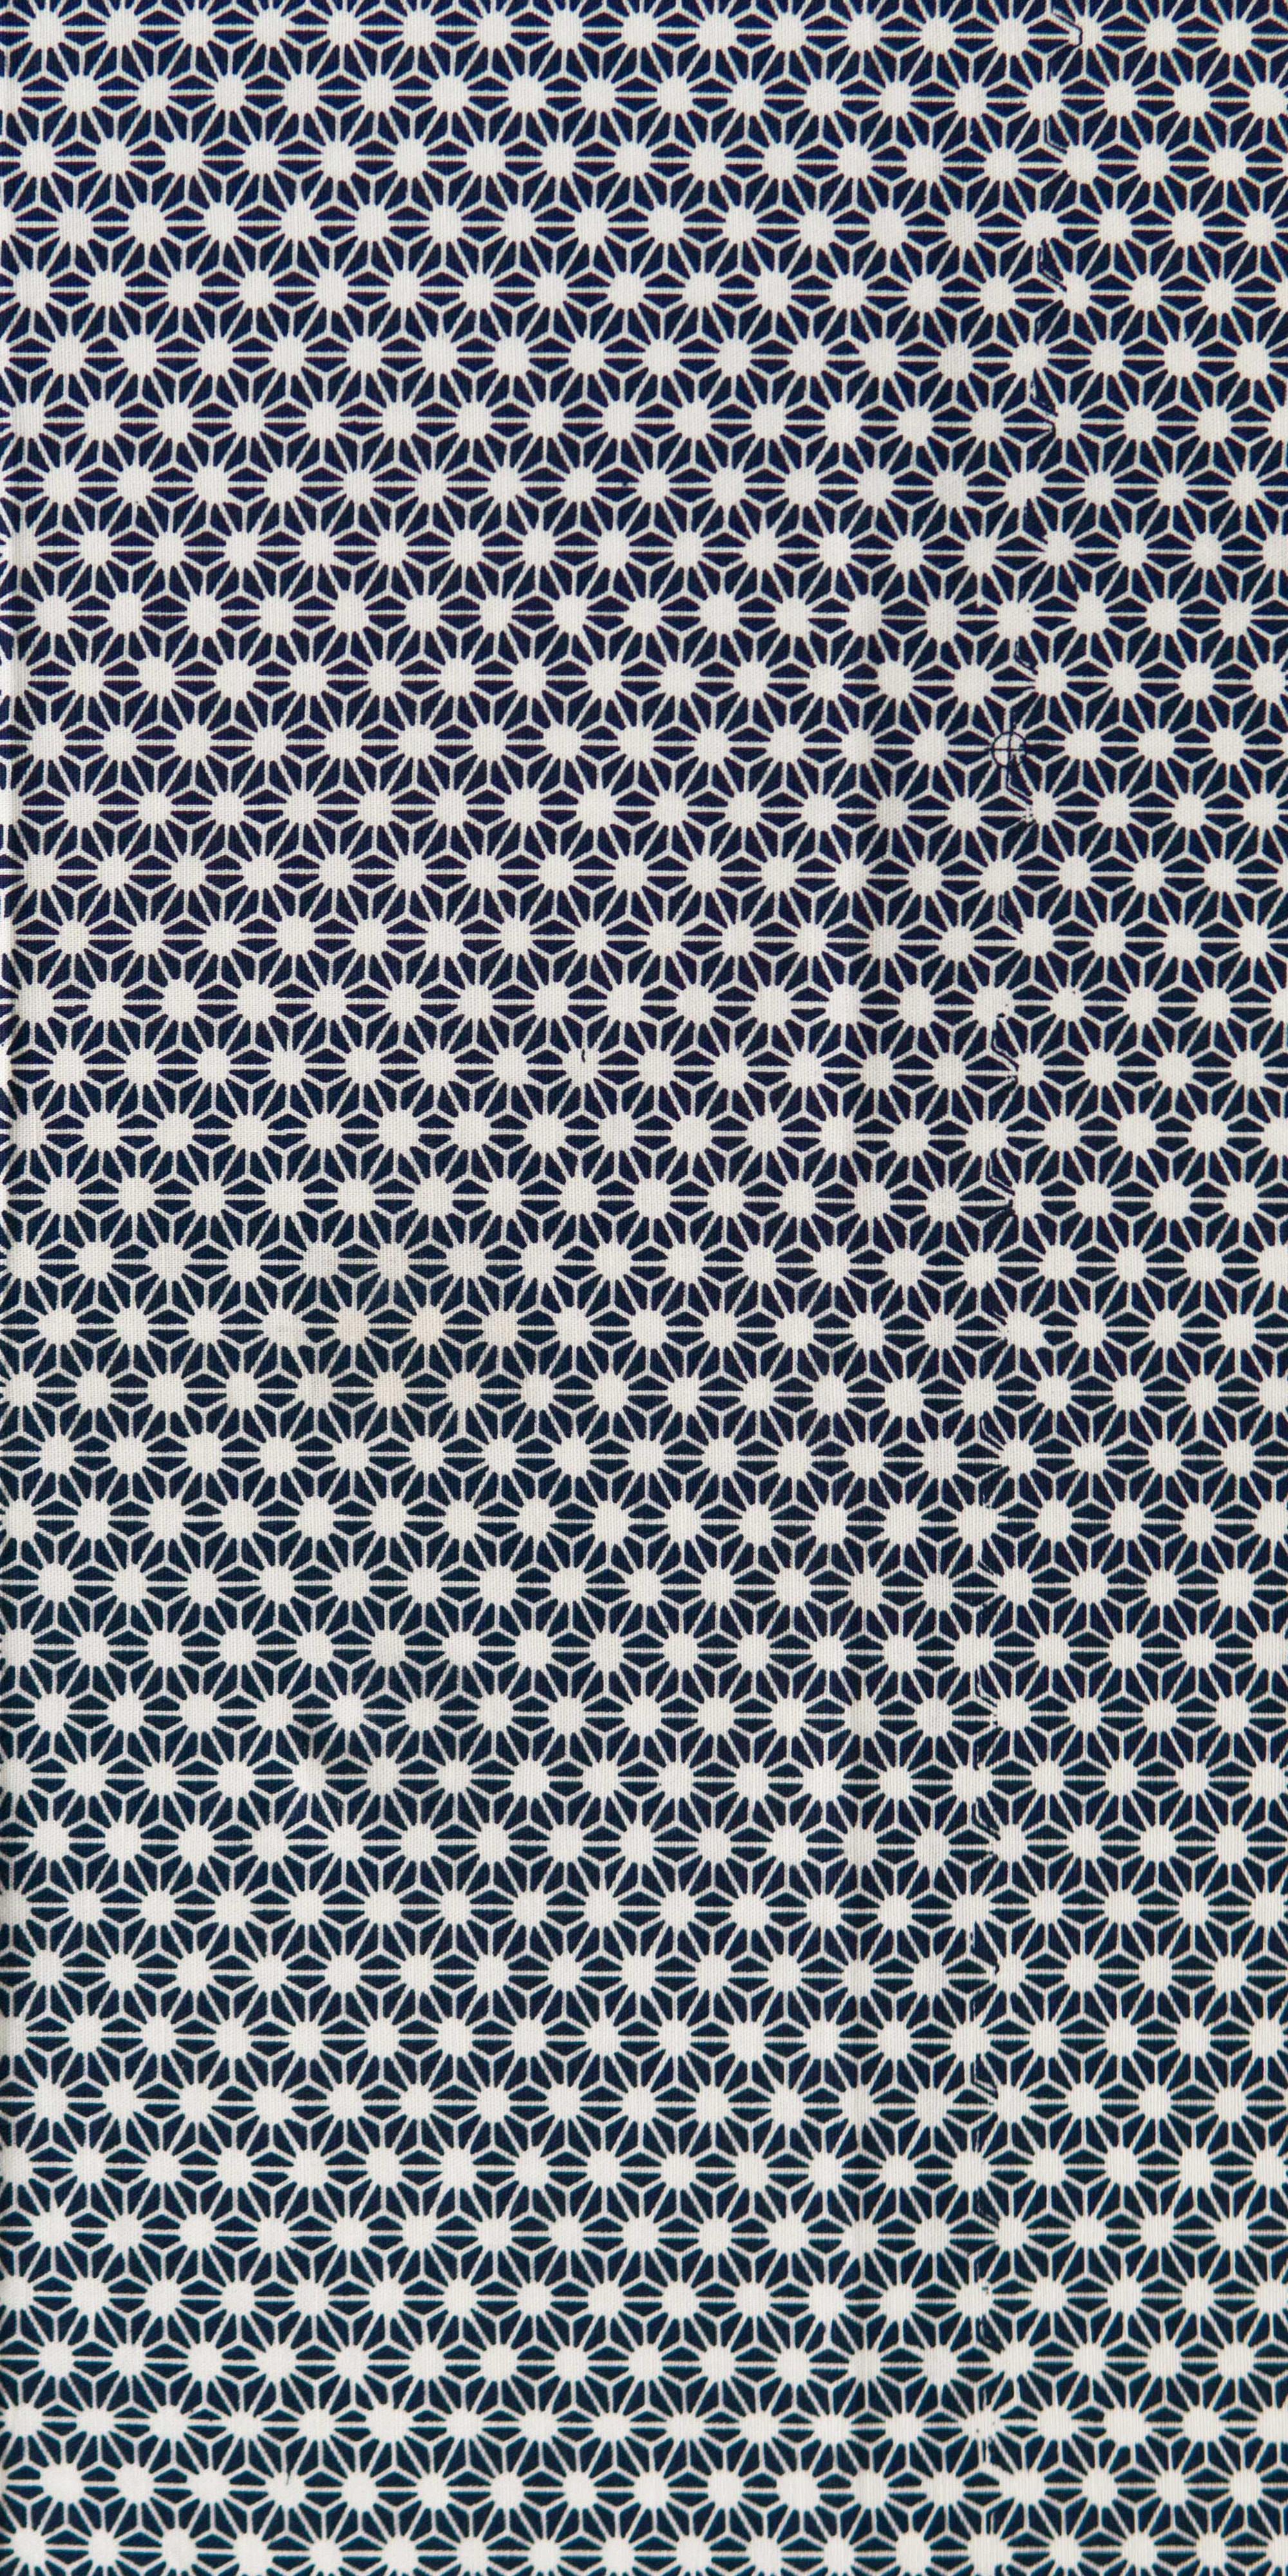 S4.5-Black-Dot.jpg